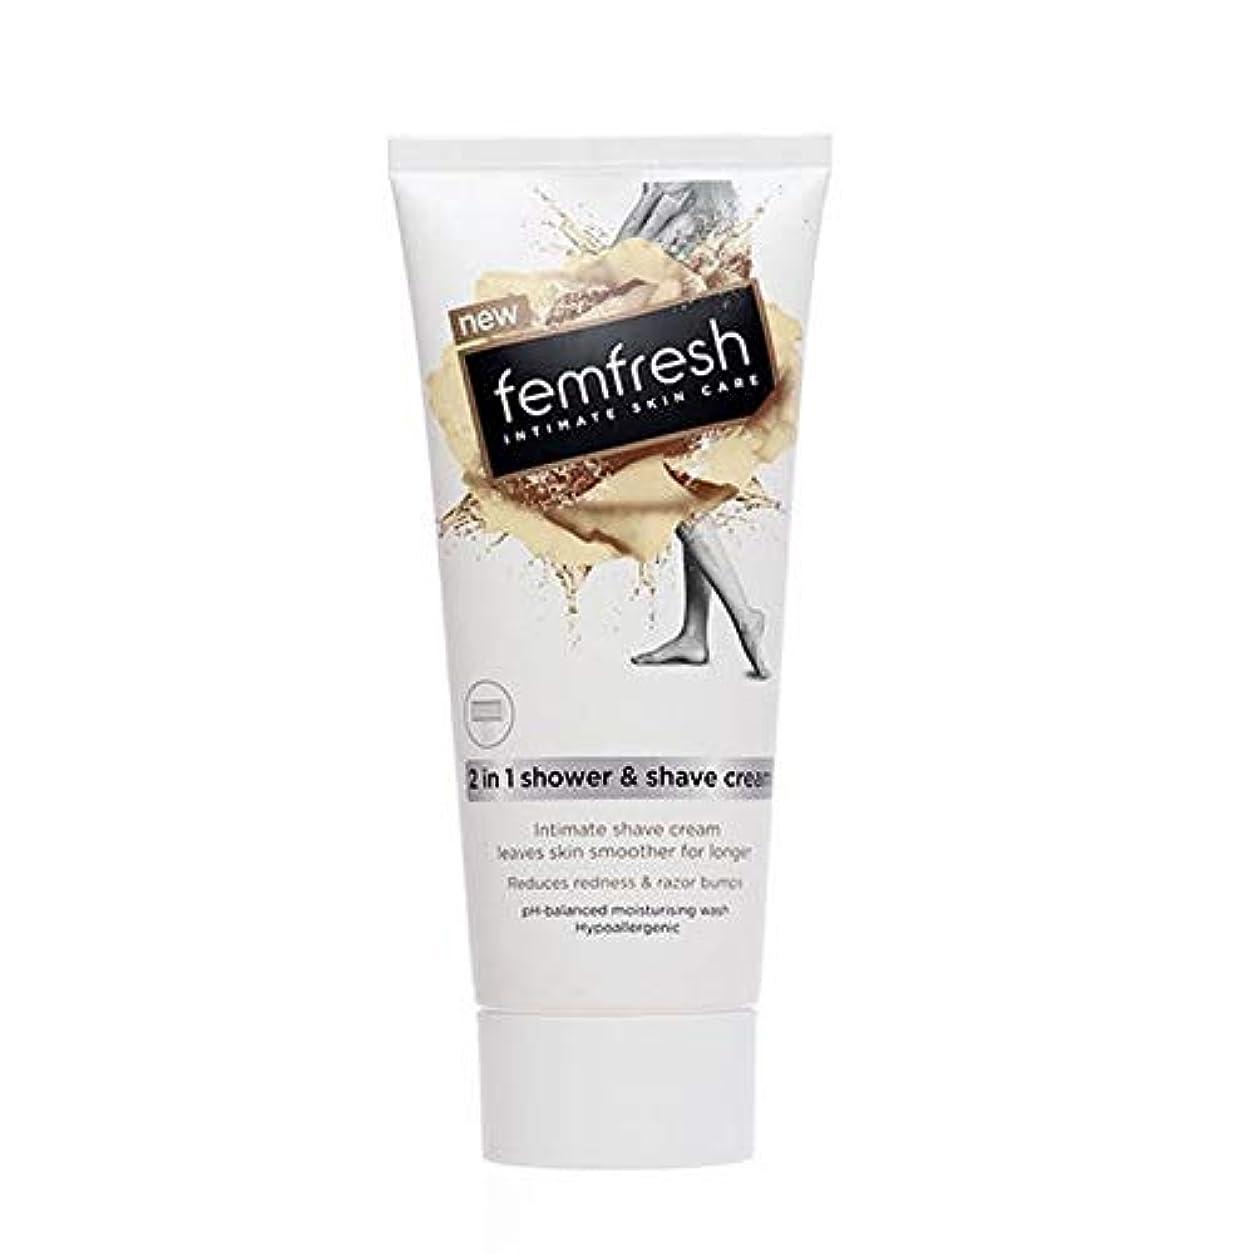 変換する中級できない[Femfresh] Femfreshシャワー&シェーブクリーム200ミリリットル - Femfresh Shower & Shave Cream 200ml [並行輸入品]